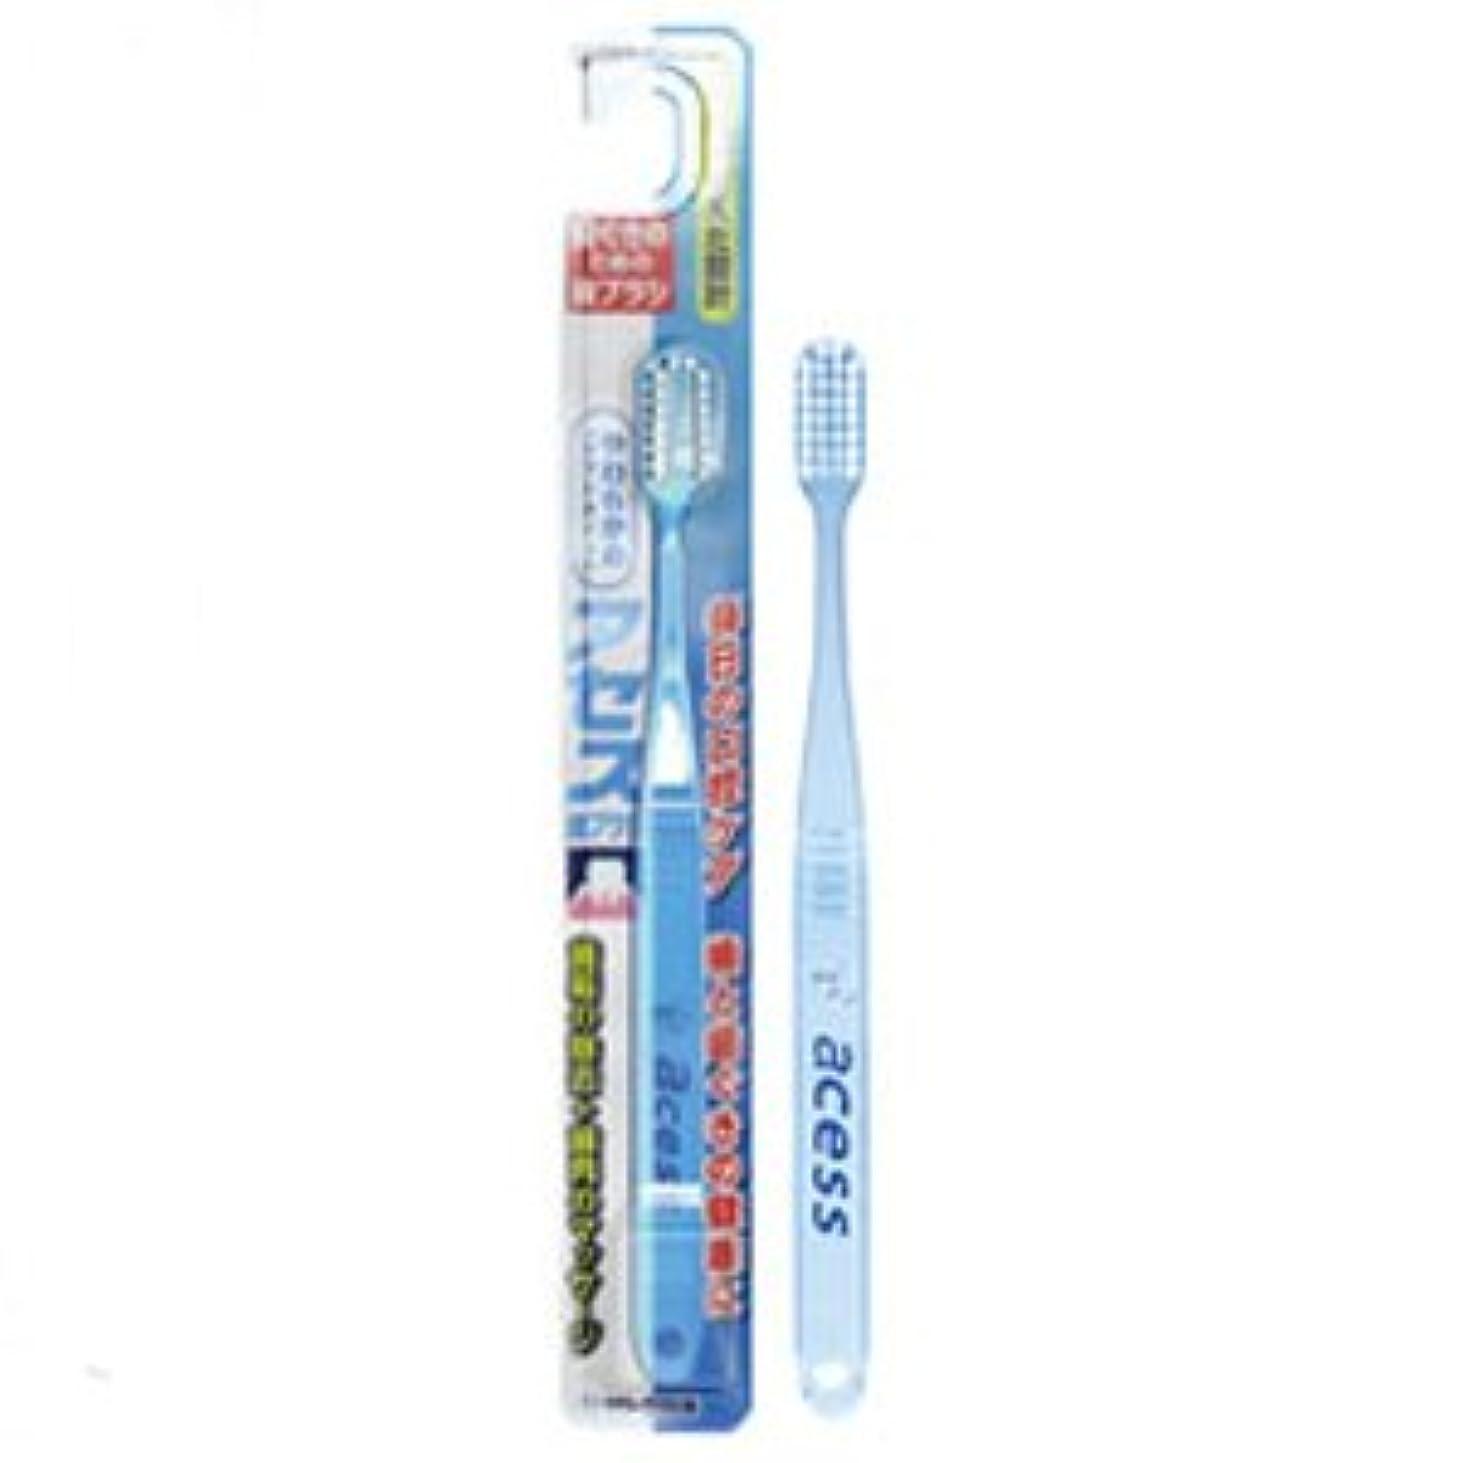 アセス歯ブラシ やわらかめ(ソフトタイプ) ブルー 12本